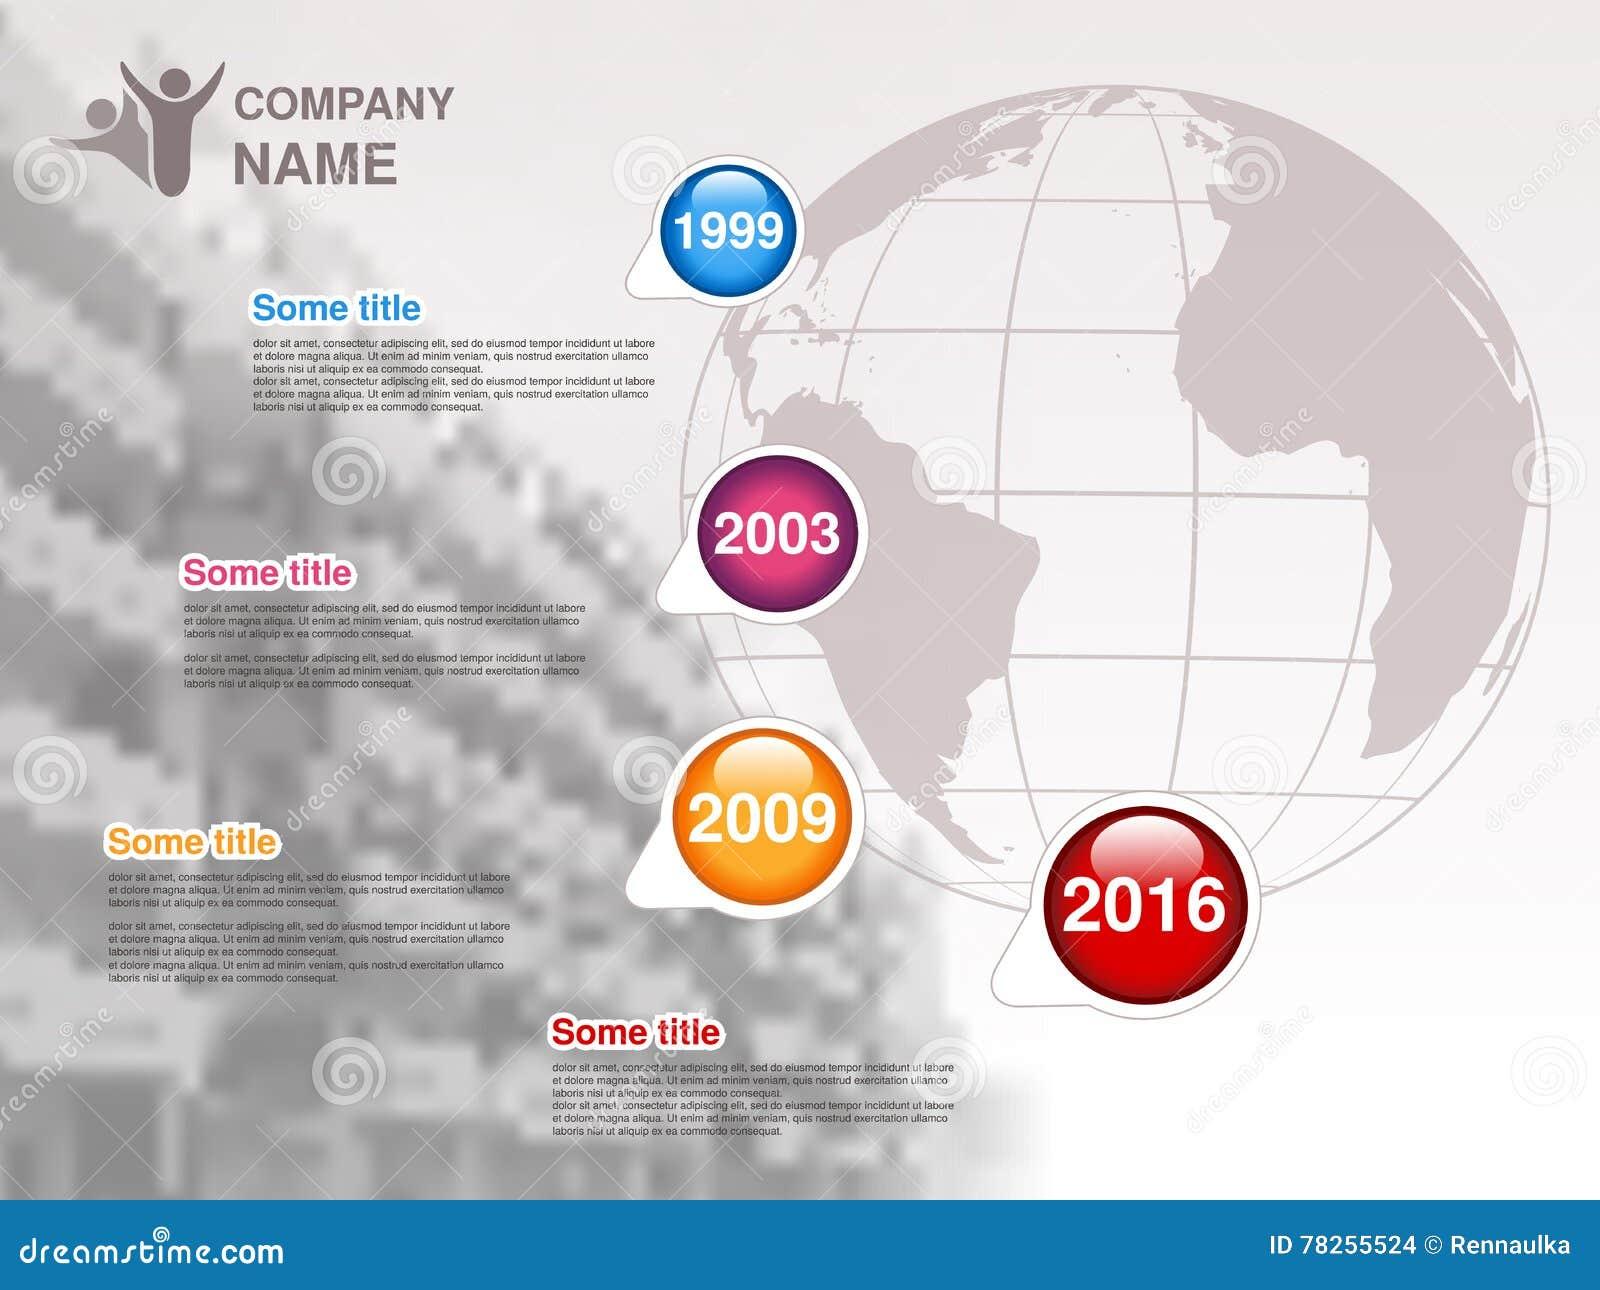 Υπόδειξη ως προς το χρόνο Πρότυπο Infographic για την επιχείρηση Υπόδειξη ως προς το χρόνο με τα ζωηρόχρωμα κύρια σημεία - μπλε,